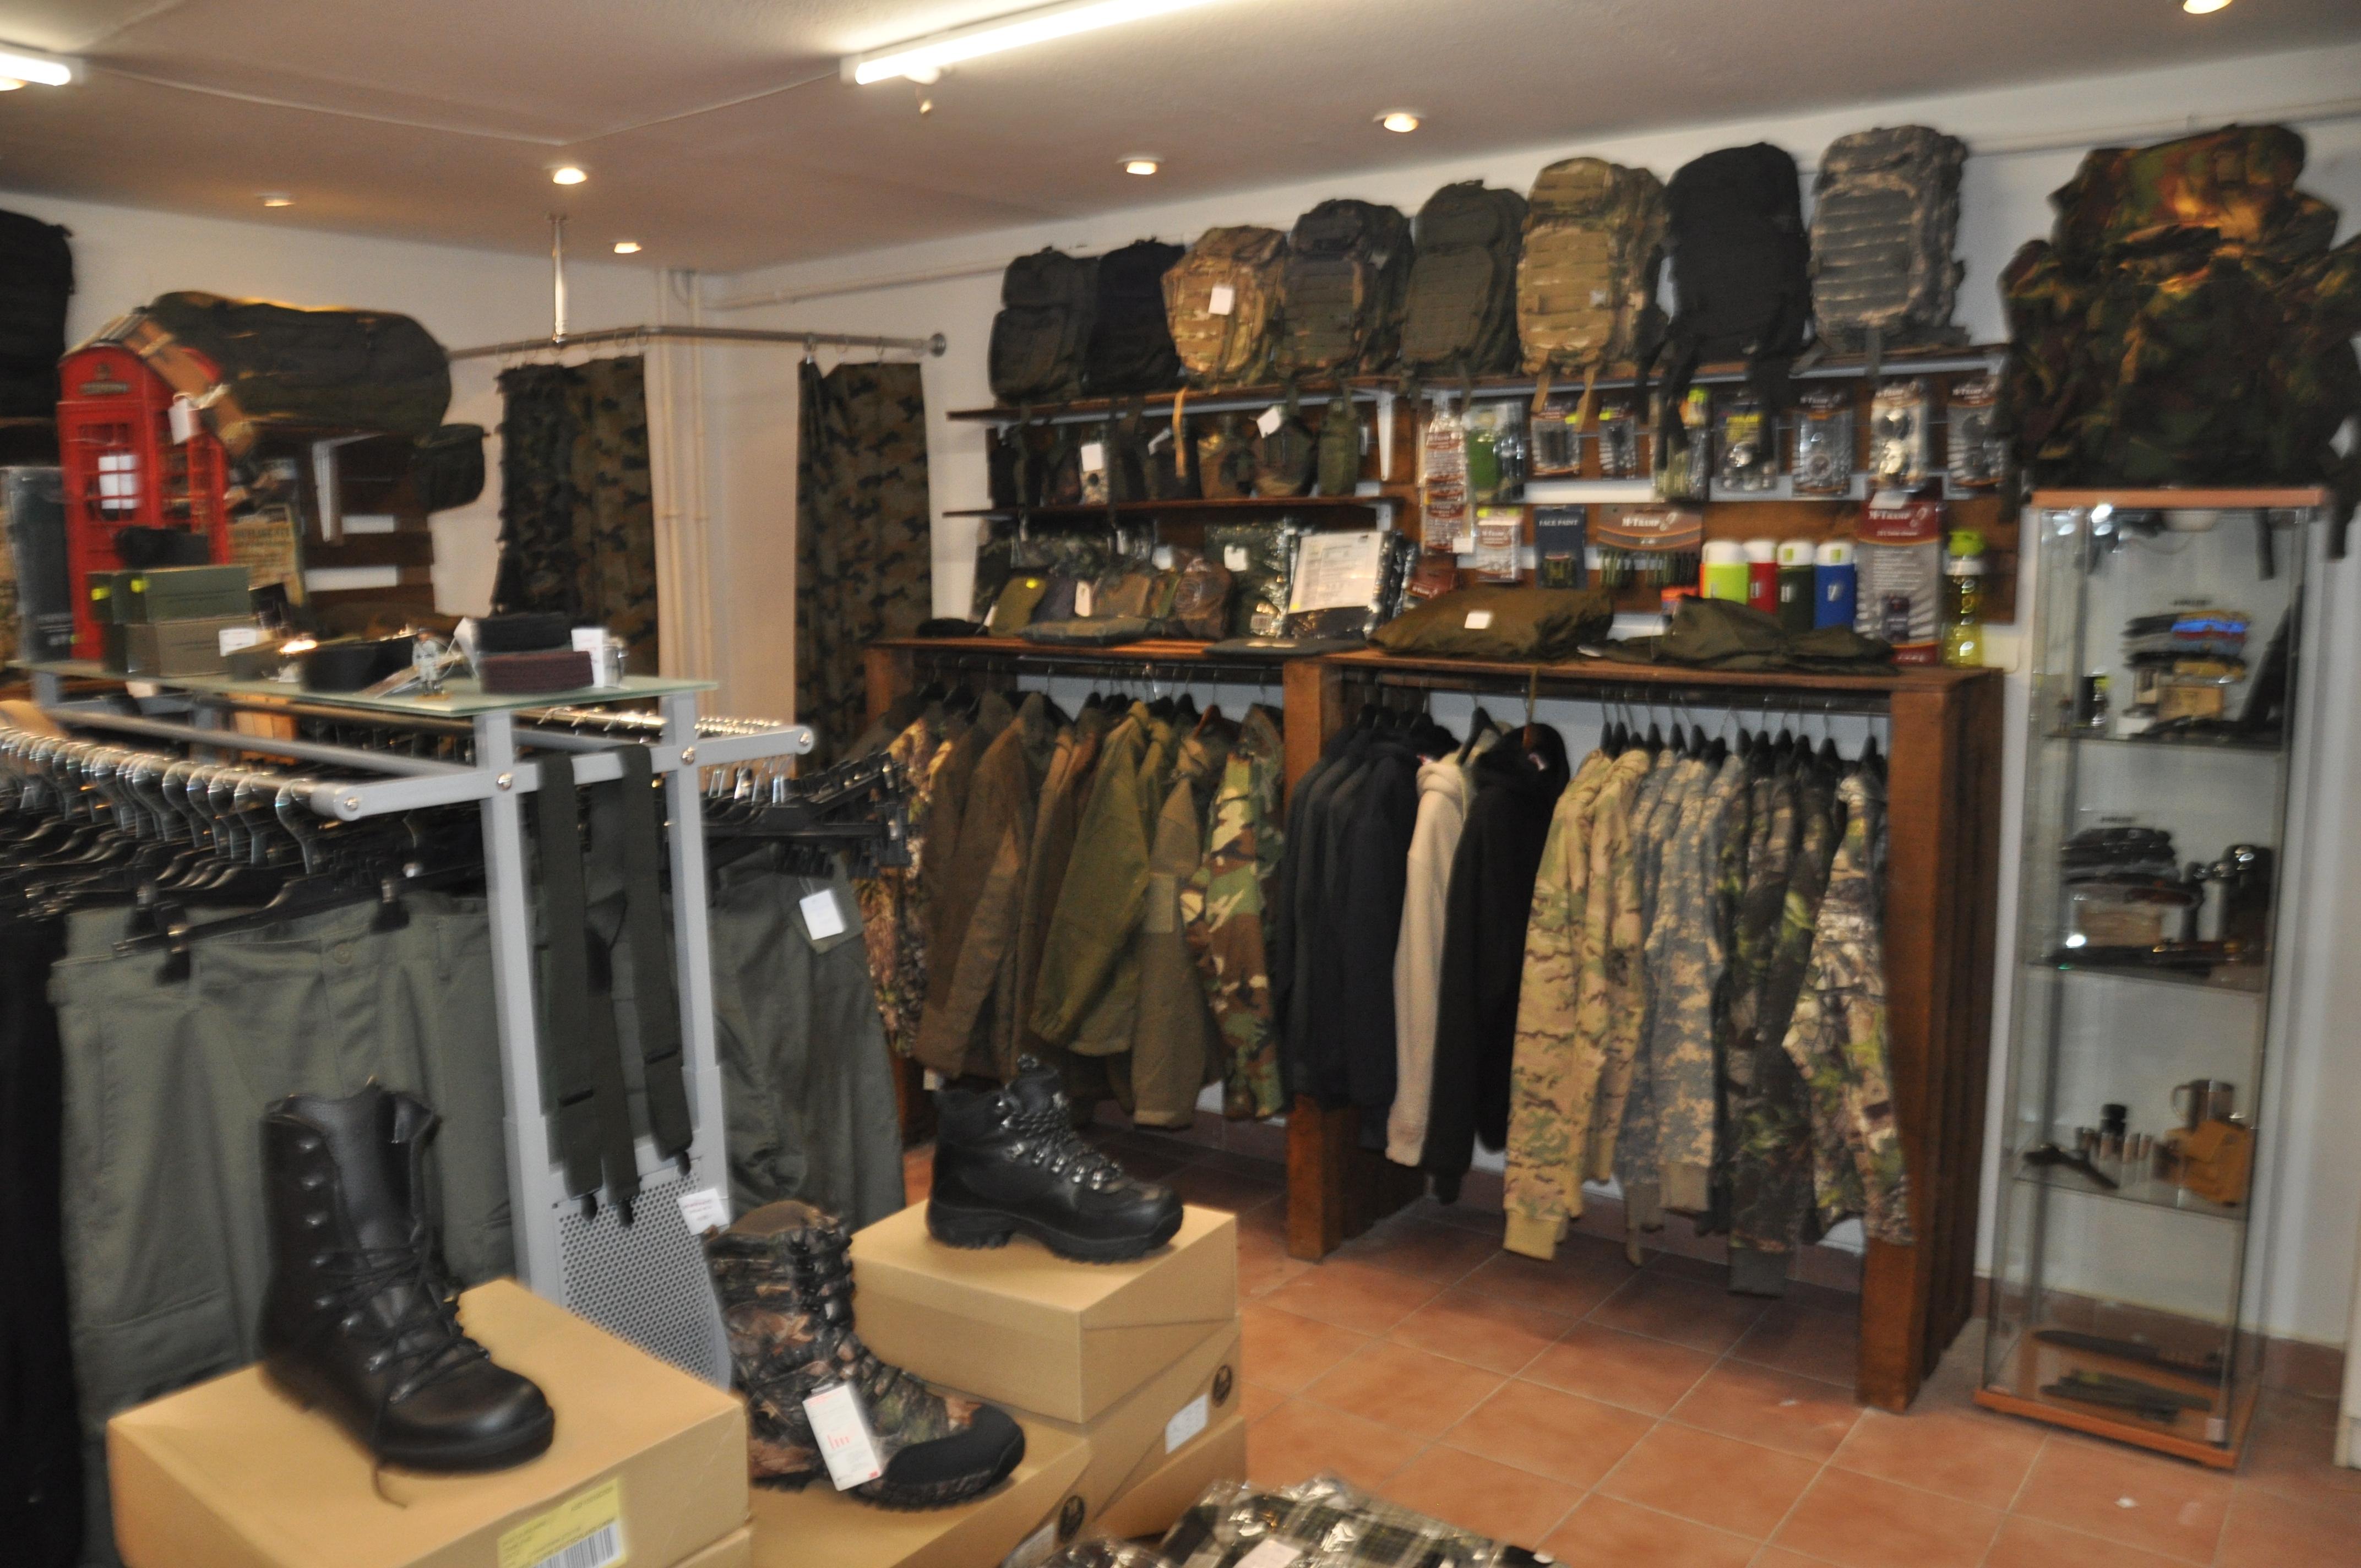 bba2264806 Katonai felszerelések - Tereptarka.hu - army shop, vadászbolt, túrabolt  Budapest